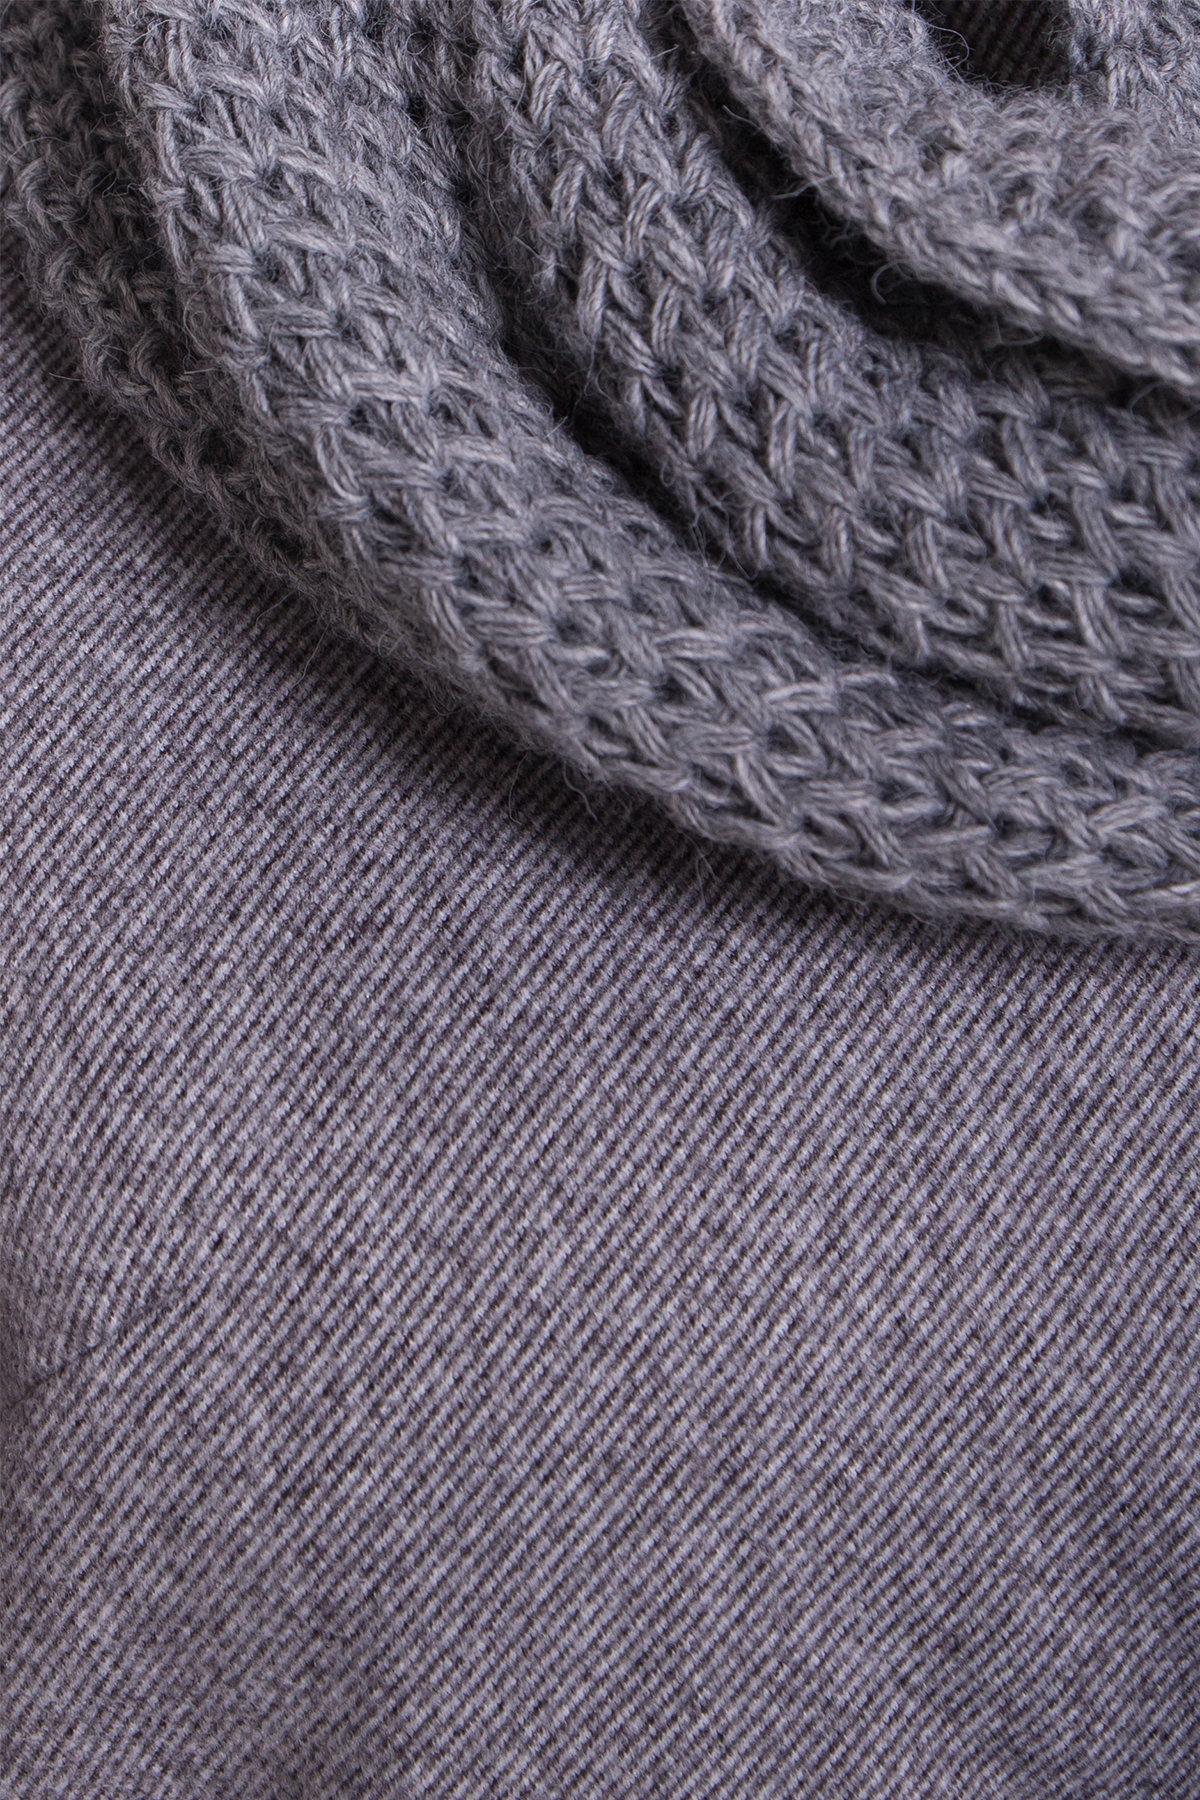 Зимнее утепленное пальто диагональ Вива 8243 АРТ. 44279 Цвет: Серый - фото 6, интернет магазин tm-modus.ru